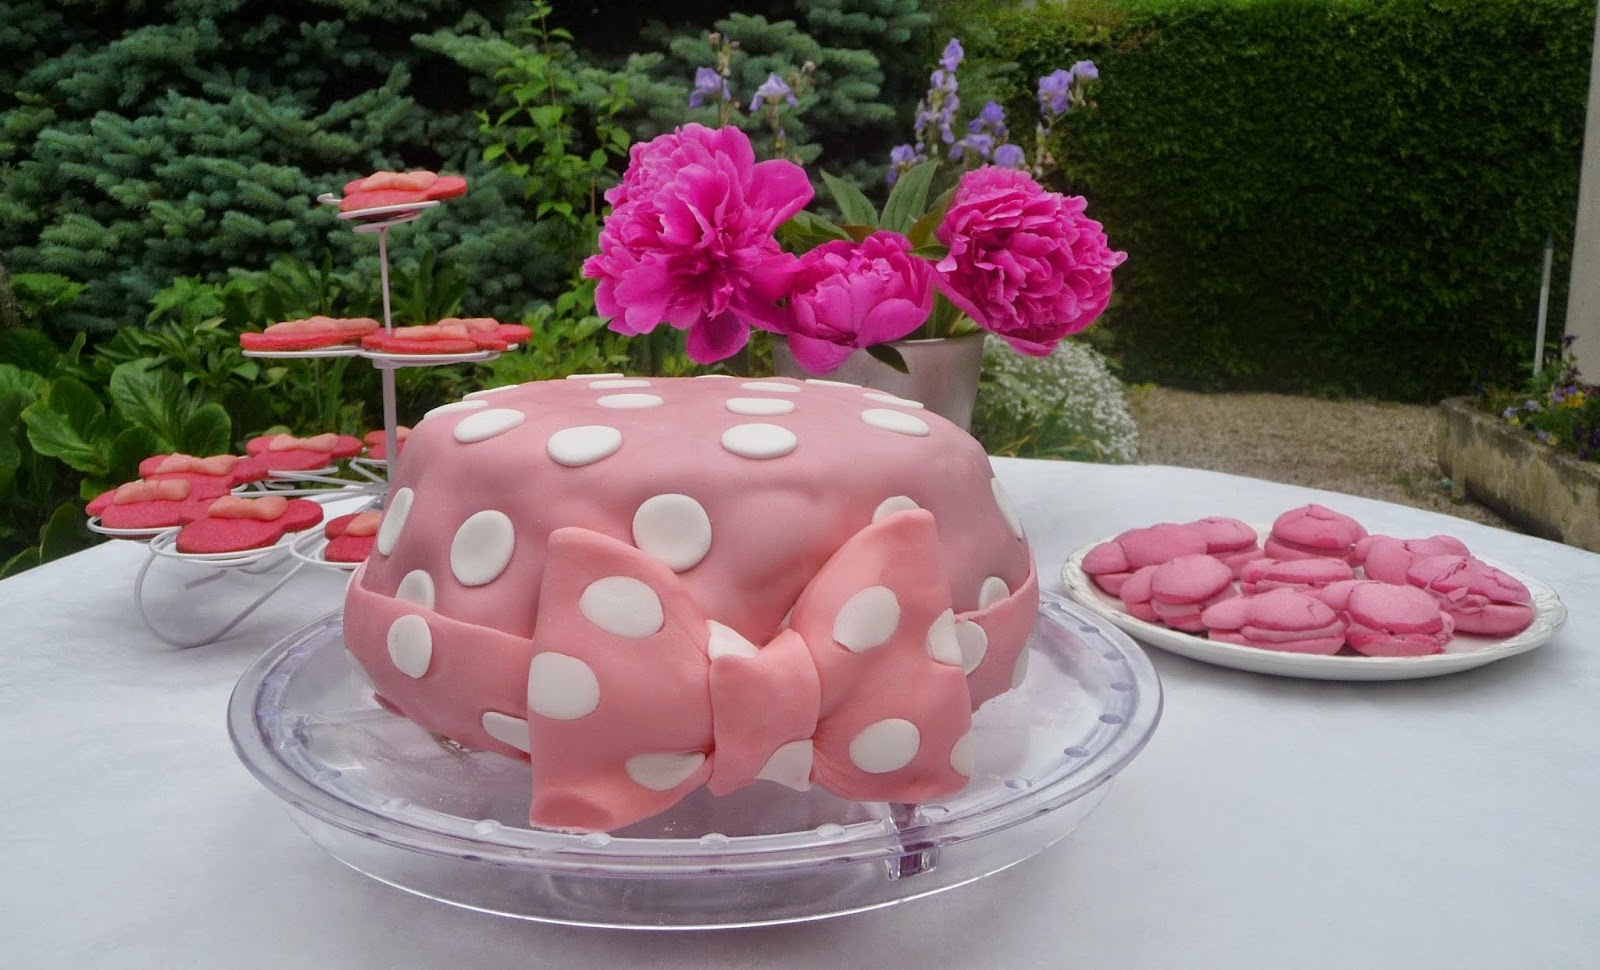 Gâteau d'anniversaire red velvet Minnie Mouse à la ganache chocolat au lait fruits exotiques et recouvert de pâte à sucre